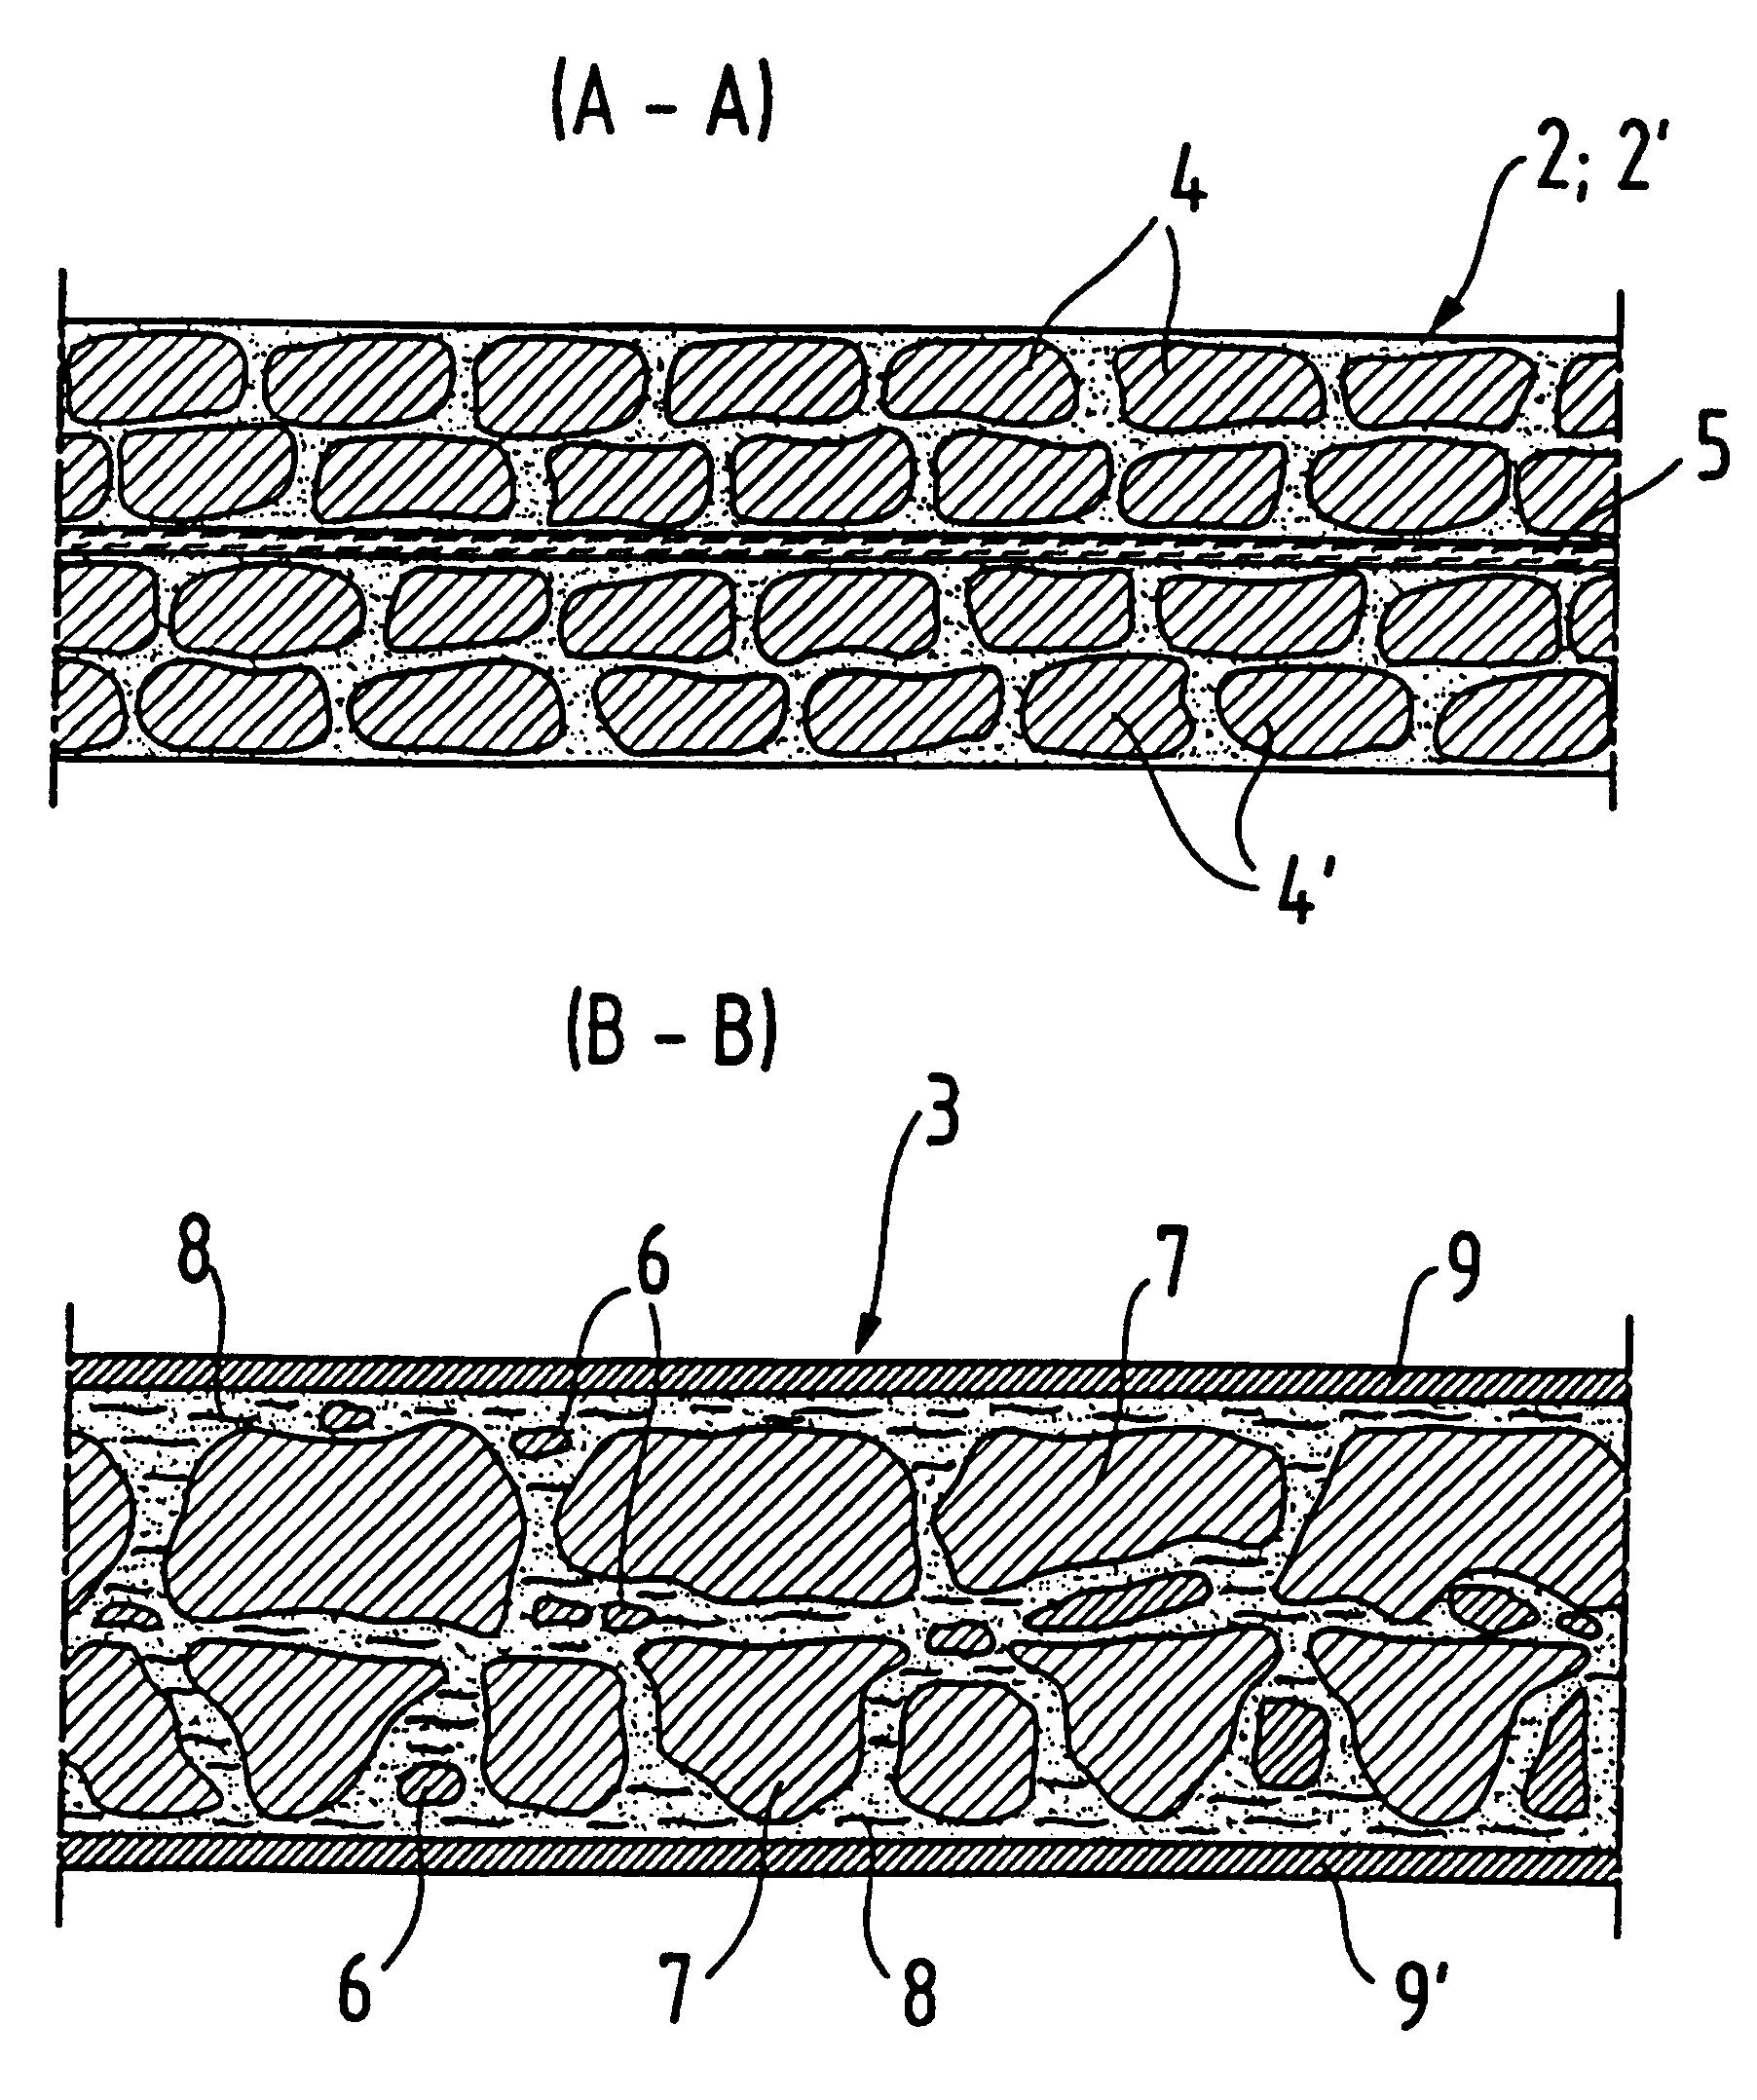 Fire Resistant Reinforcement : Patent us fire resistant composite slab a